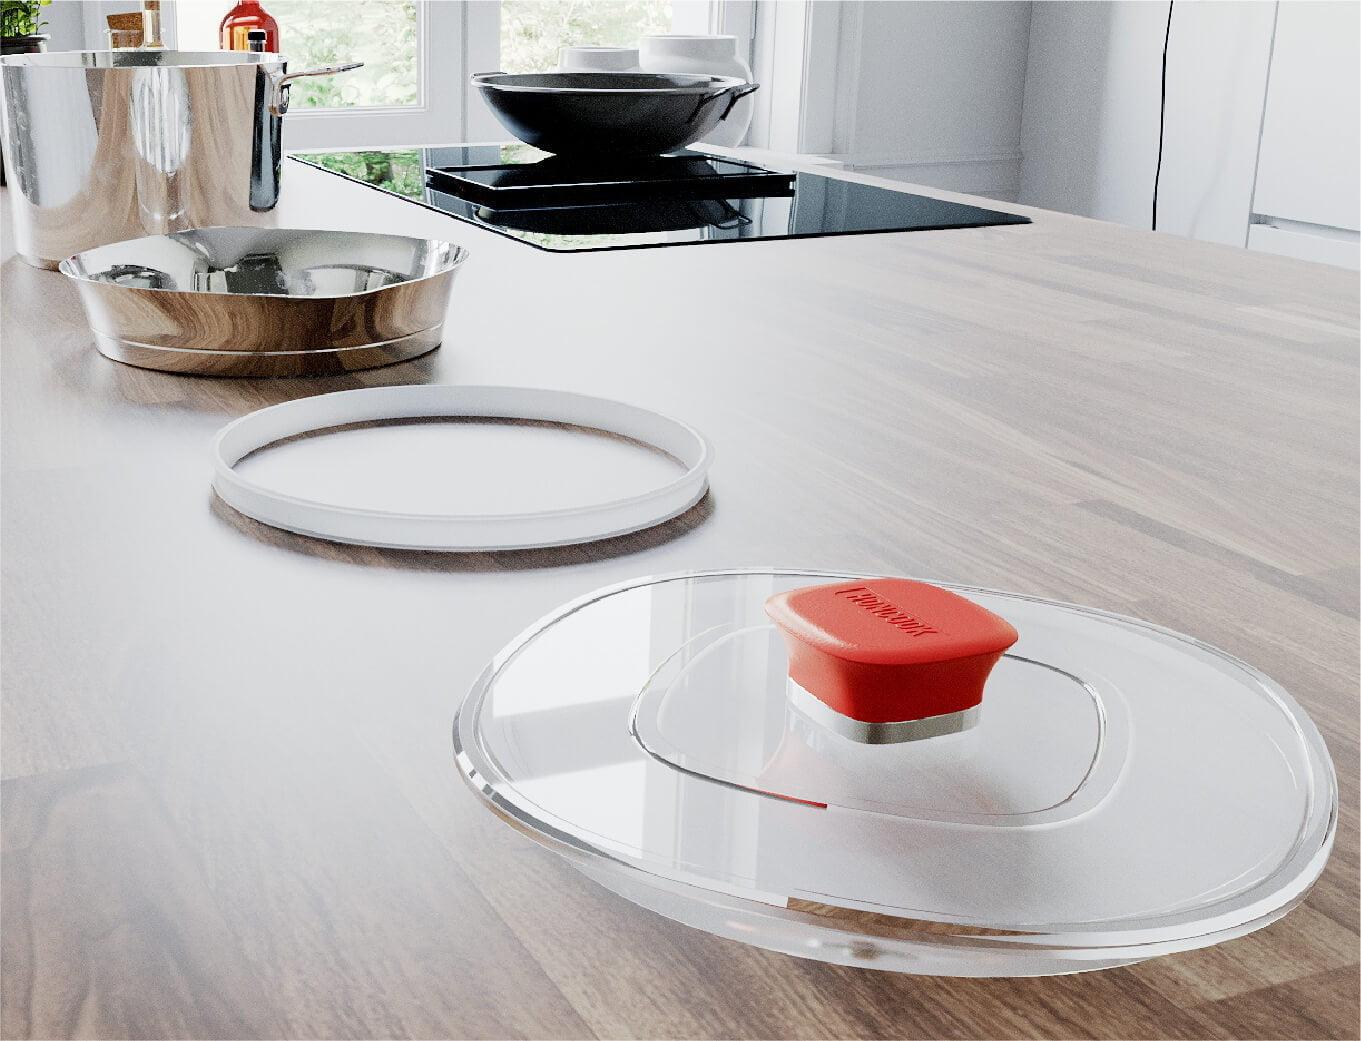 hancook smart pan lid in kitchen table